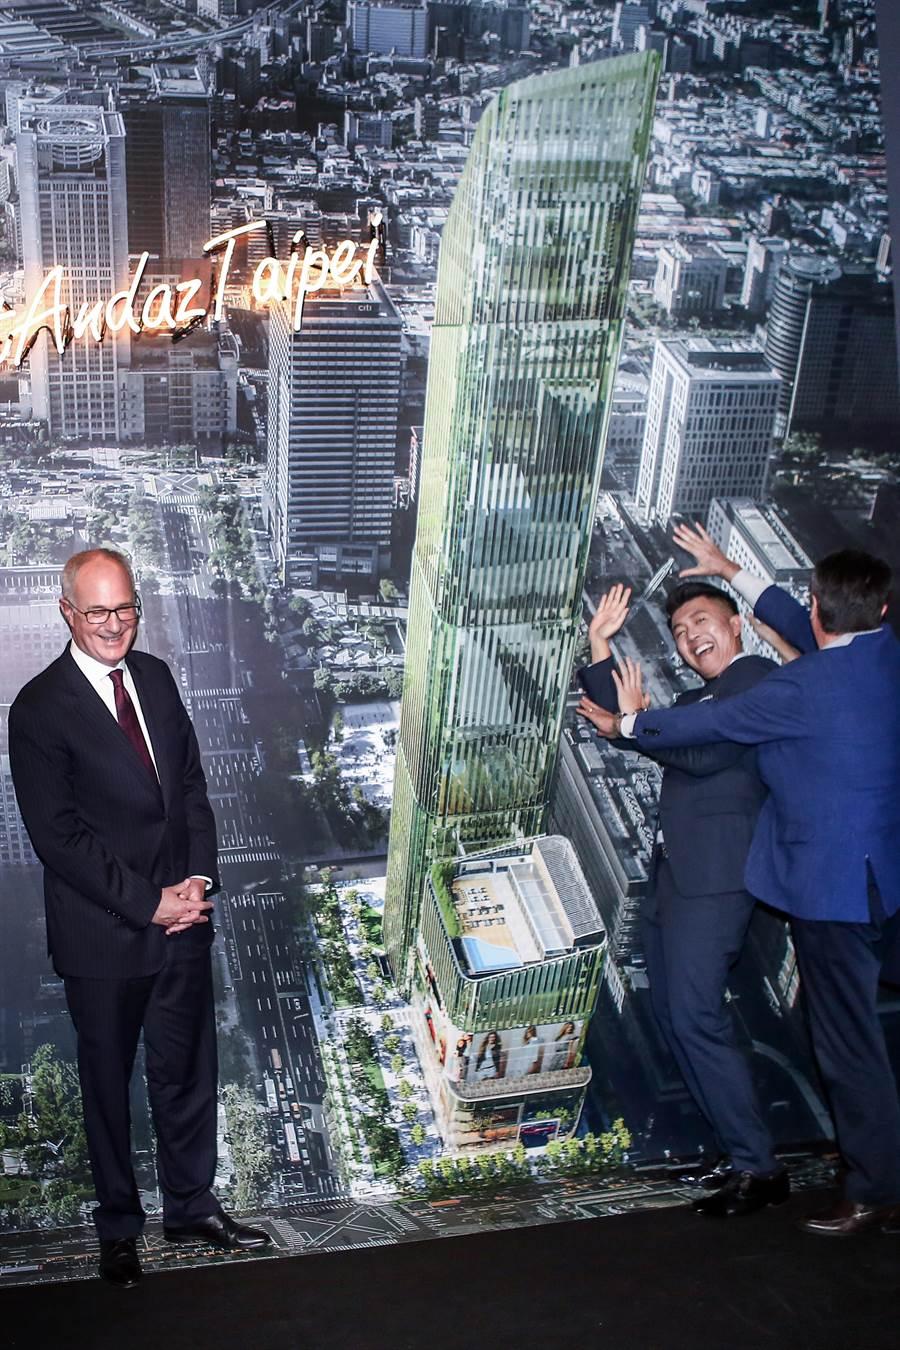 凱悅酒店集團旗下最高等級品牌的柏悅 (Park Hyatt) 與安達仕 (Andaz),23日正式宣布將攜手打造備受期待的國際級複合式地標摩天樓 Taipei Sky Tower(簡稱TST),這是台北信義區全球首座結合雙品牌飯店、現代化劇場及體驗式零售的嶄新跨界概念,詮釋亞洲獨有生活風格的新地標。碩河開發董事長詹偉立(右2)與凱悅國際酒店集團亞太區總裁David Udell(左)簽約,正式引進凱悅旗下柏悅酒店(Park HYATT)與五星級潮牌酒店安達仕酒店(Andaz),新飯店預計2020年開幕。(鄧博仁攝)